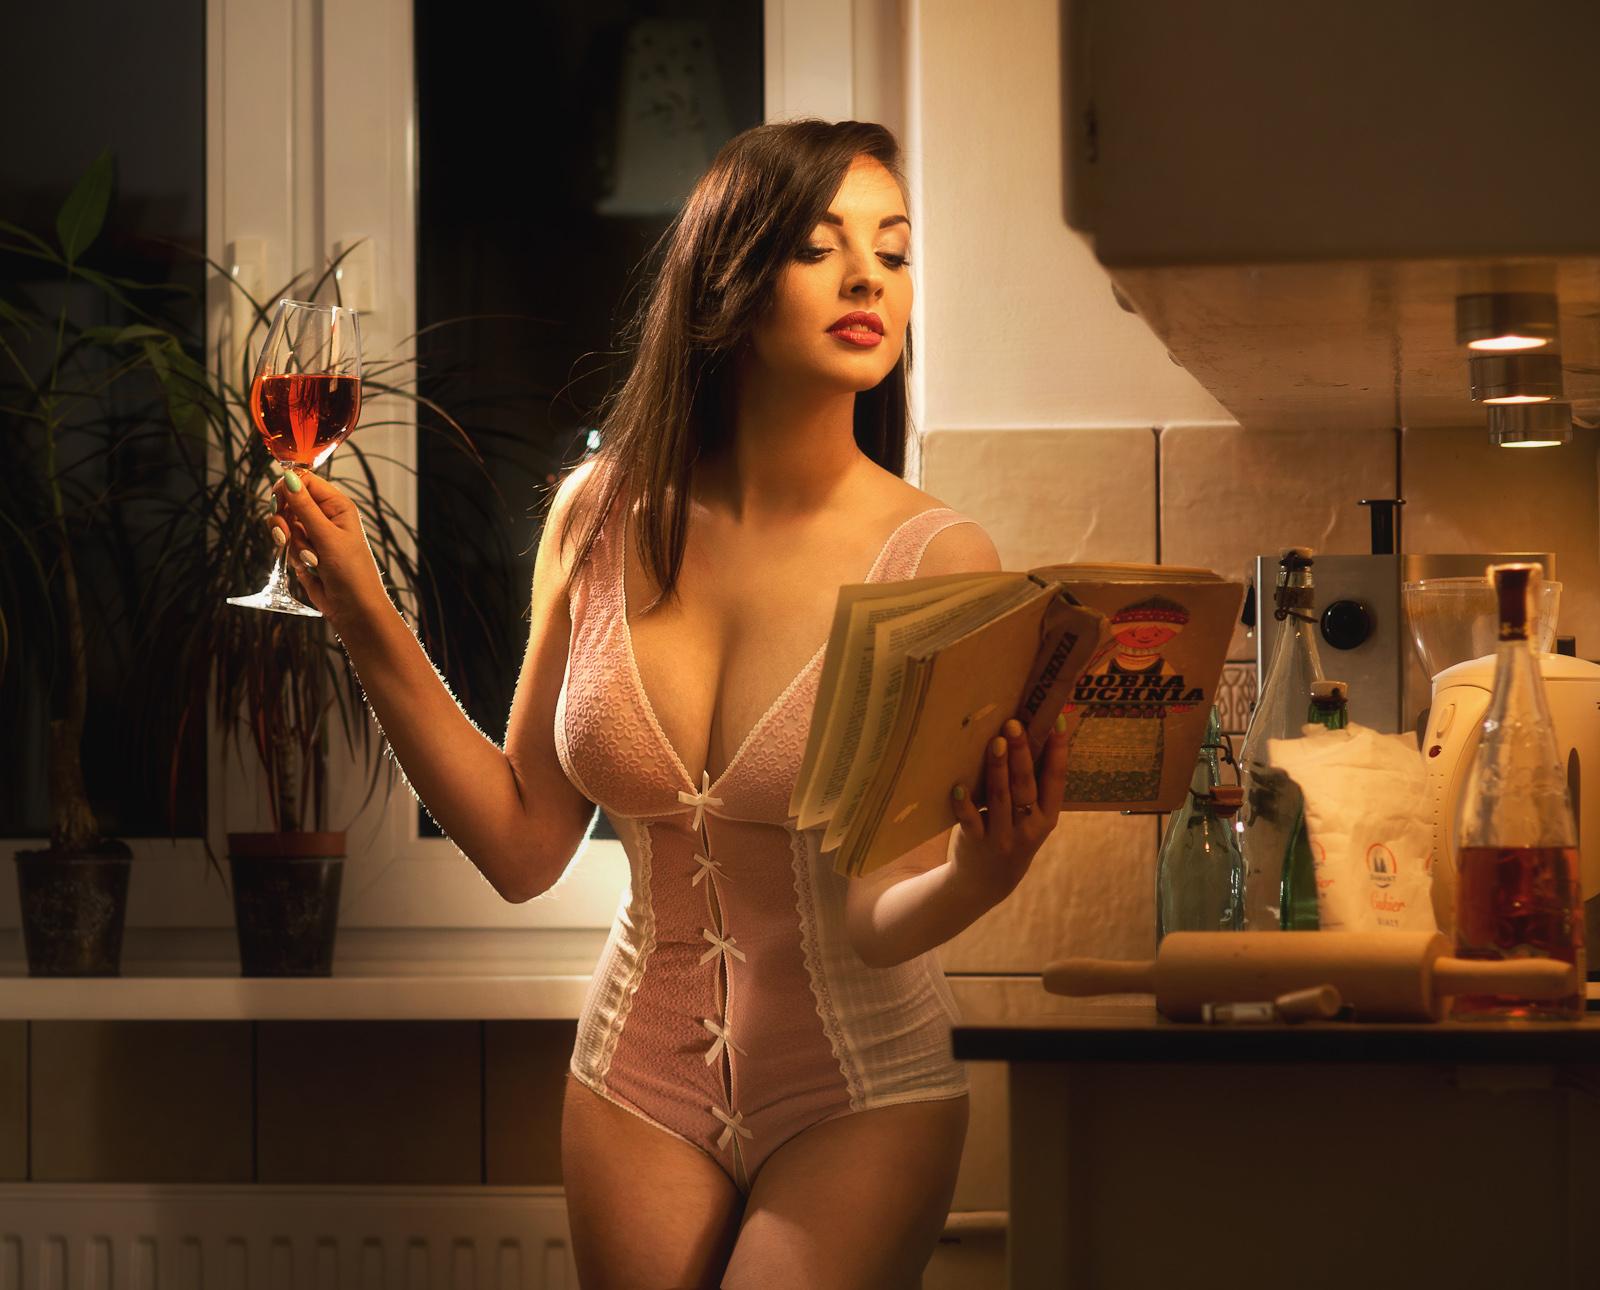 Kura Domowa: Dobra Kuchnia Domowa. Housewives: Good Home Cooking. Koncepcyjna fotografia portretowa. fot. Łukasz Cyrus, Ruda Śląska.